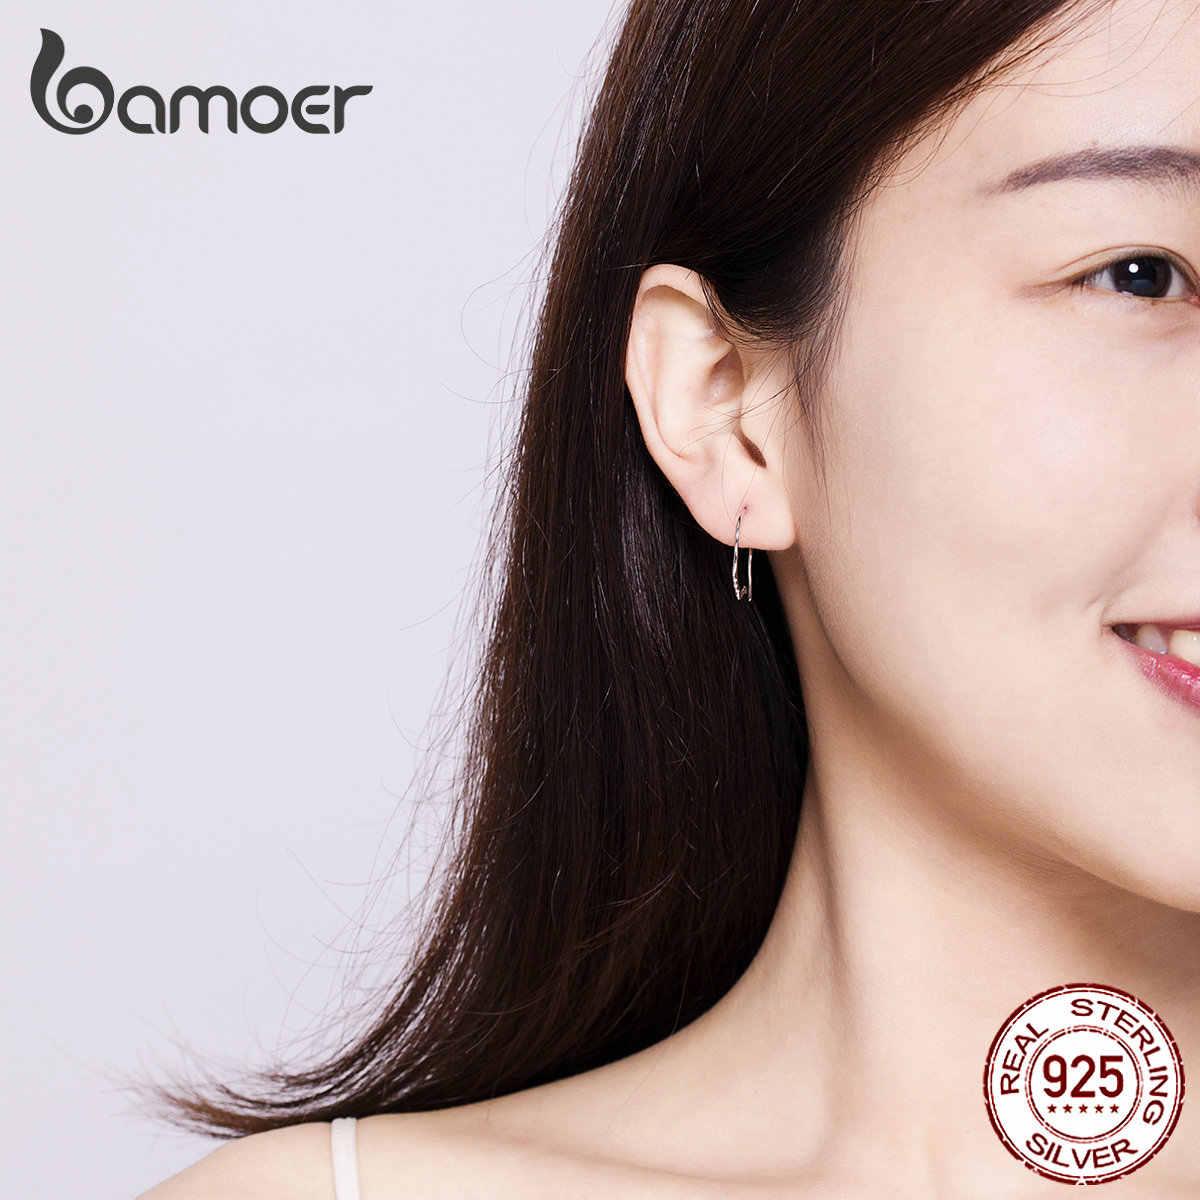 BAMOER MẠ Thiết Kế Bông Tai Nữ Bạc 925 Mặt Mặt Bạc Earing 2019 Thời Trang Hàn Quốc Trang Sức Chống dị ứng SCE631